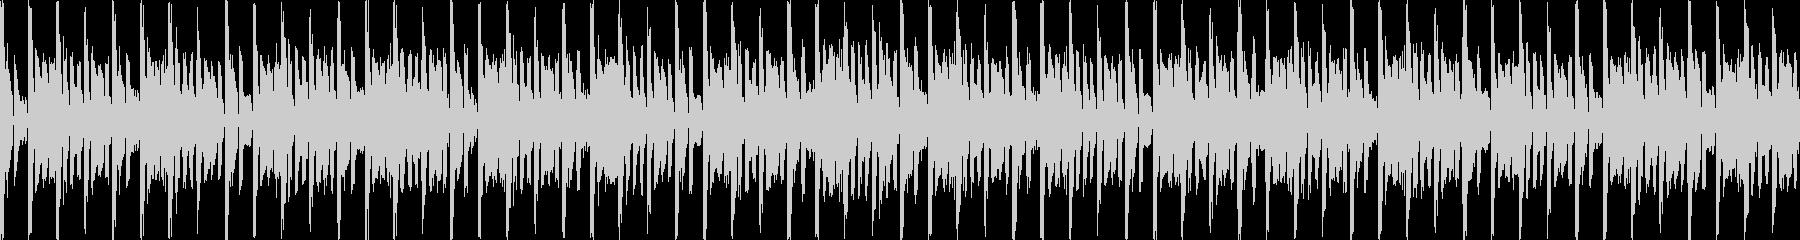 汎用BGM/デジタル(LOOP対応)の未再生の波形